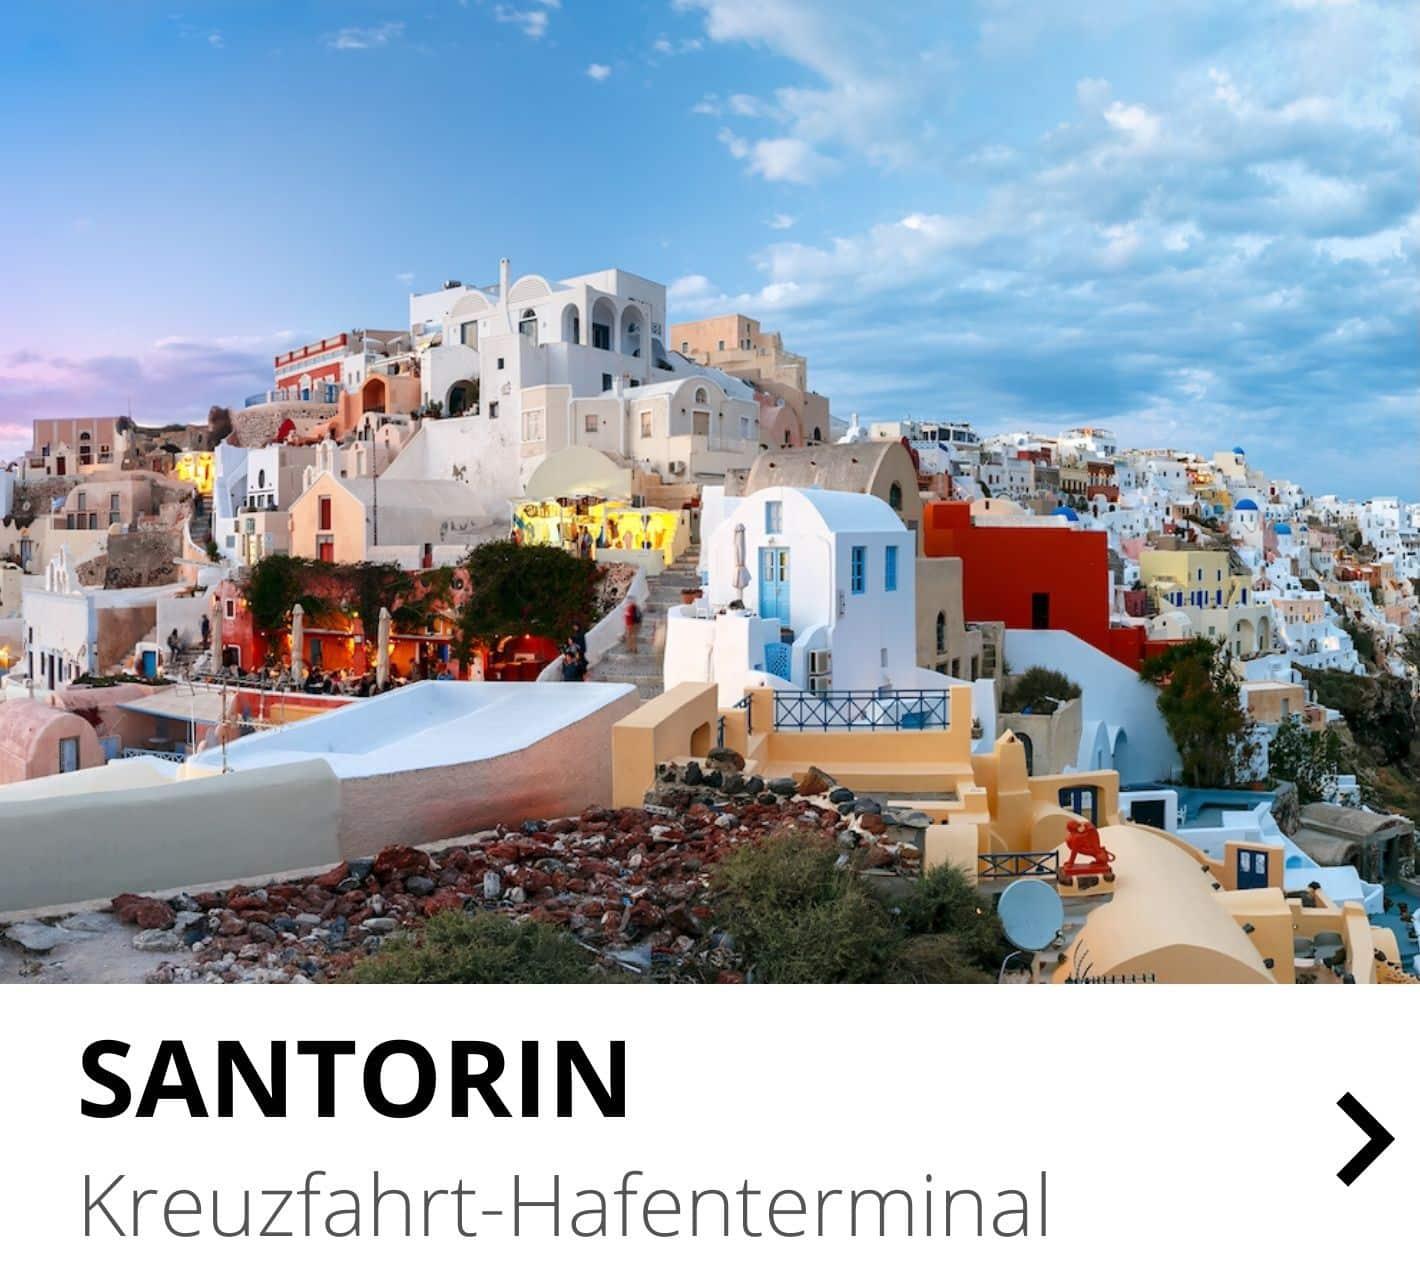 Santorin Kreuzfahrt-Hafenterminal